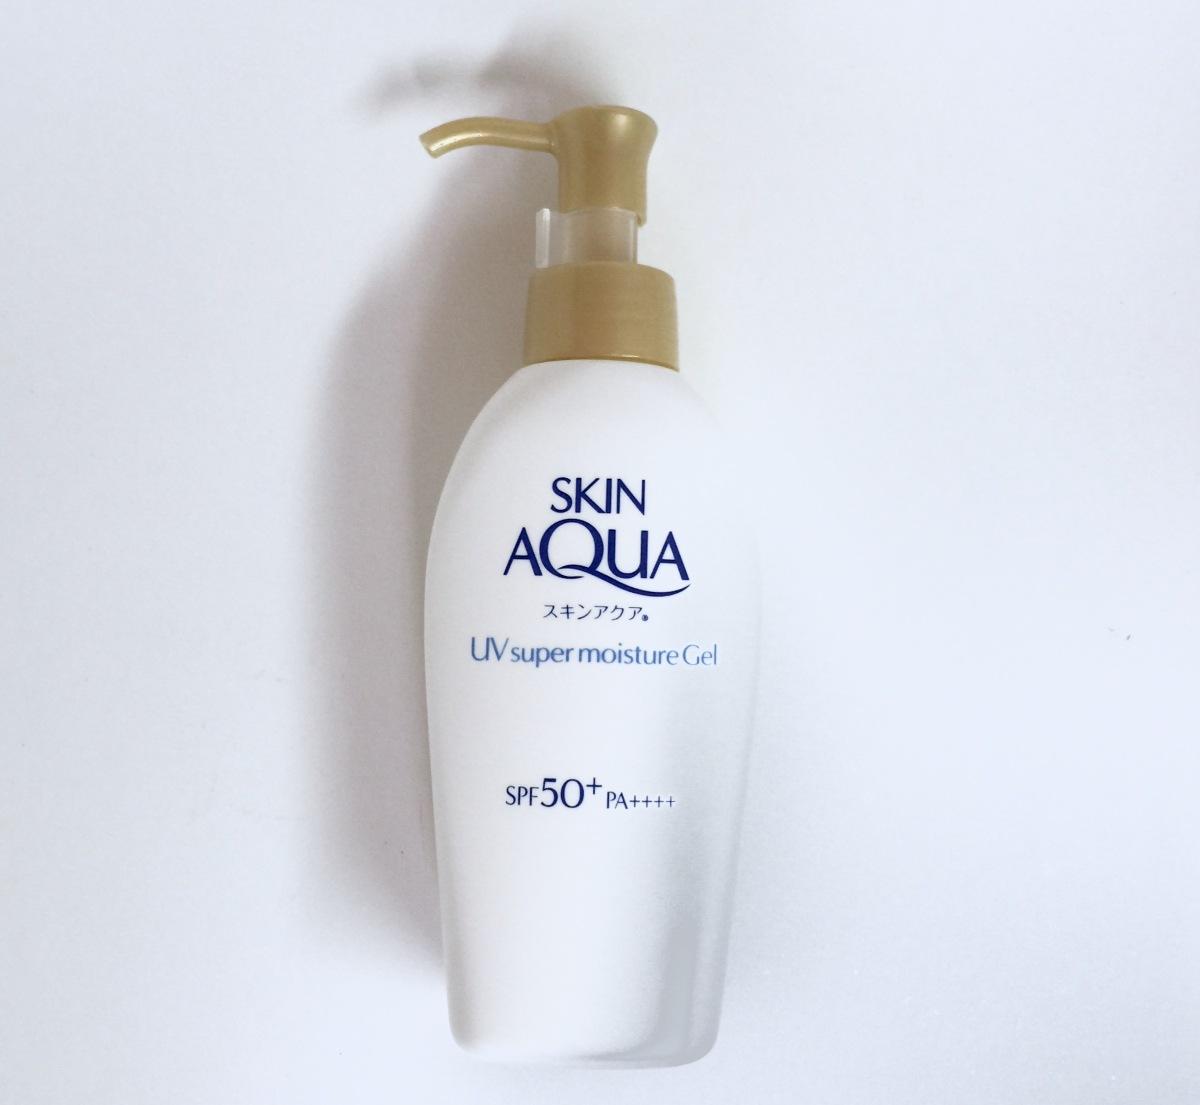 Skin Aqua Super Moisture Gel SPF50+ PA++++